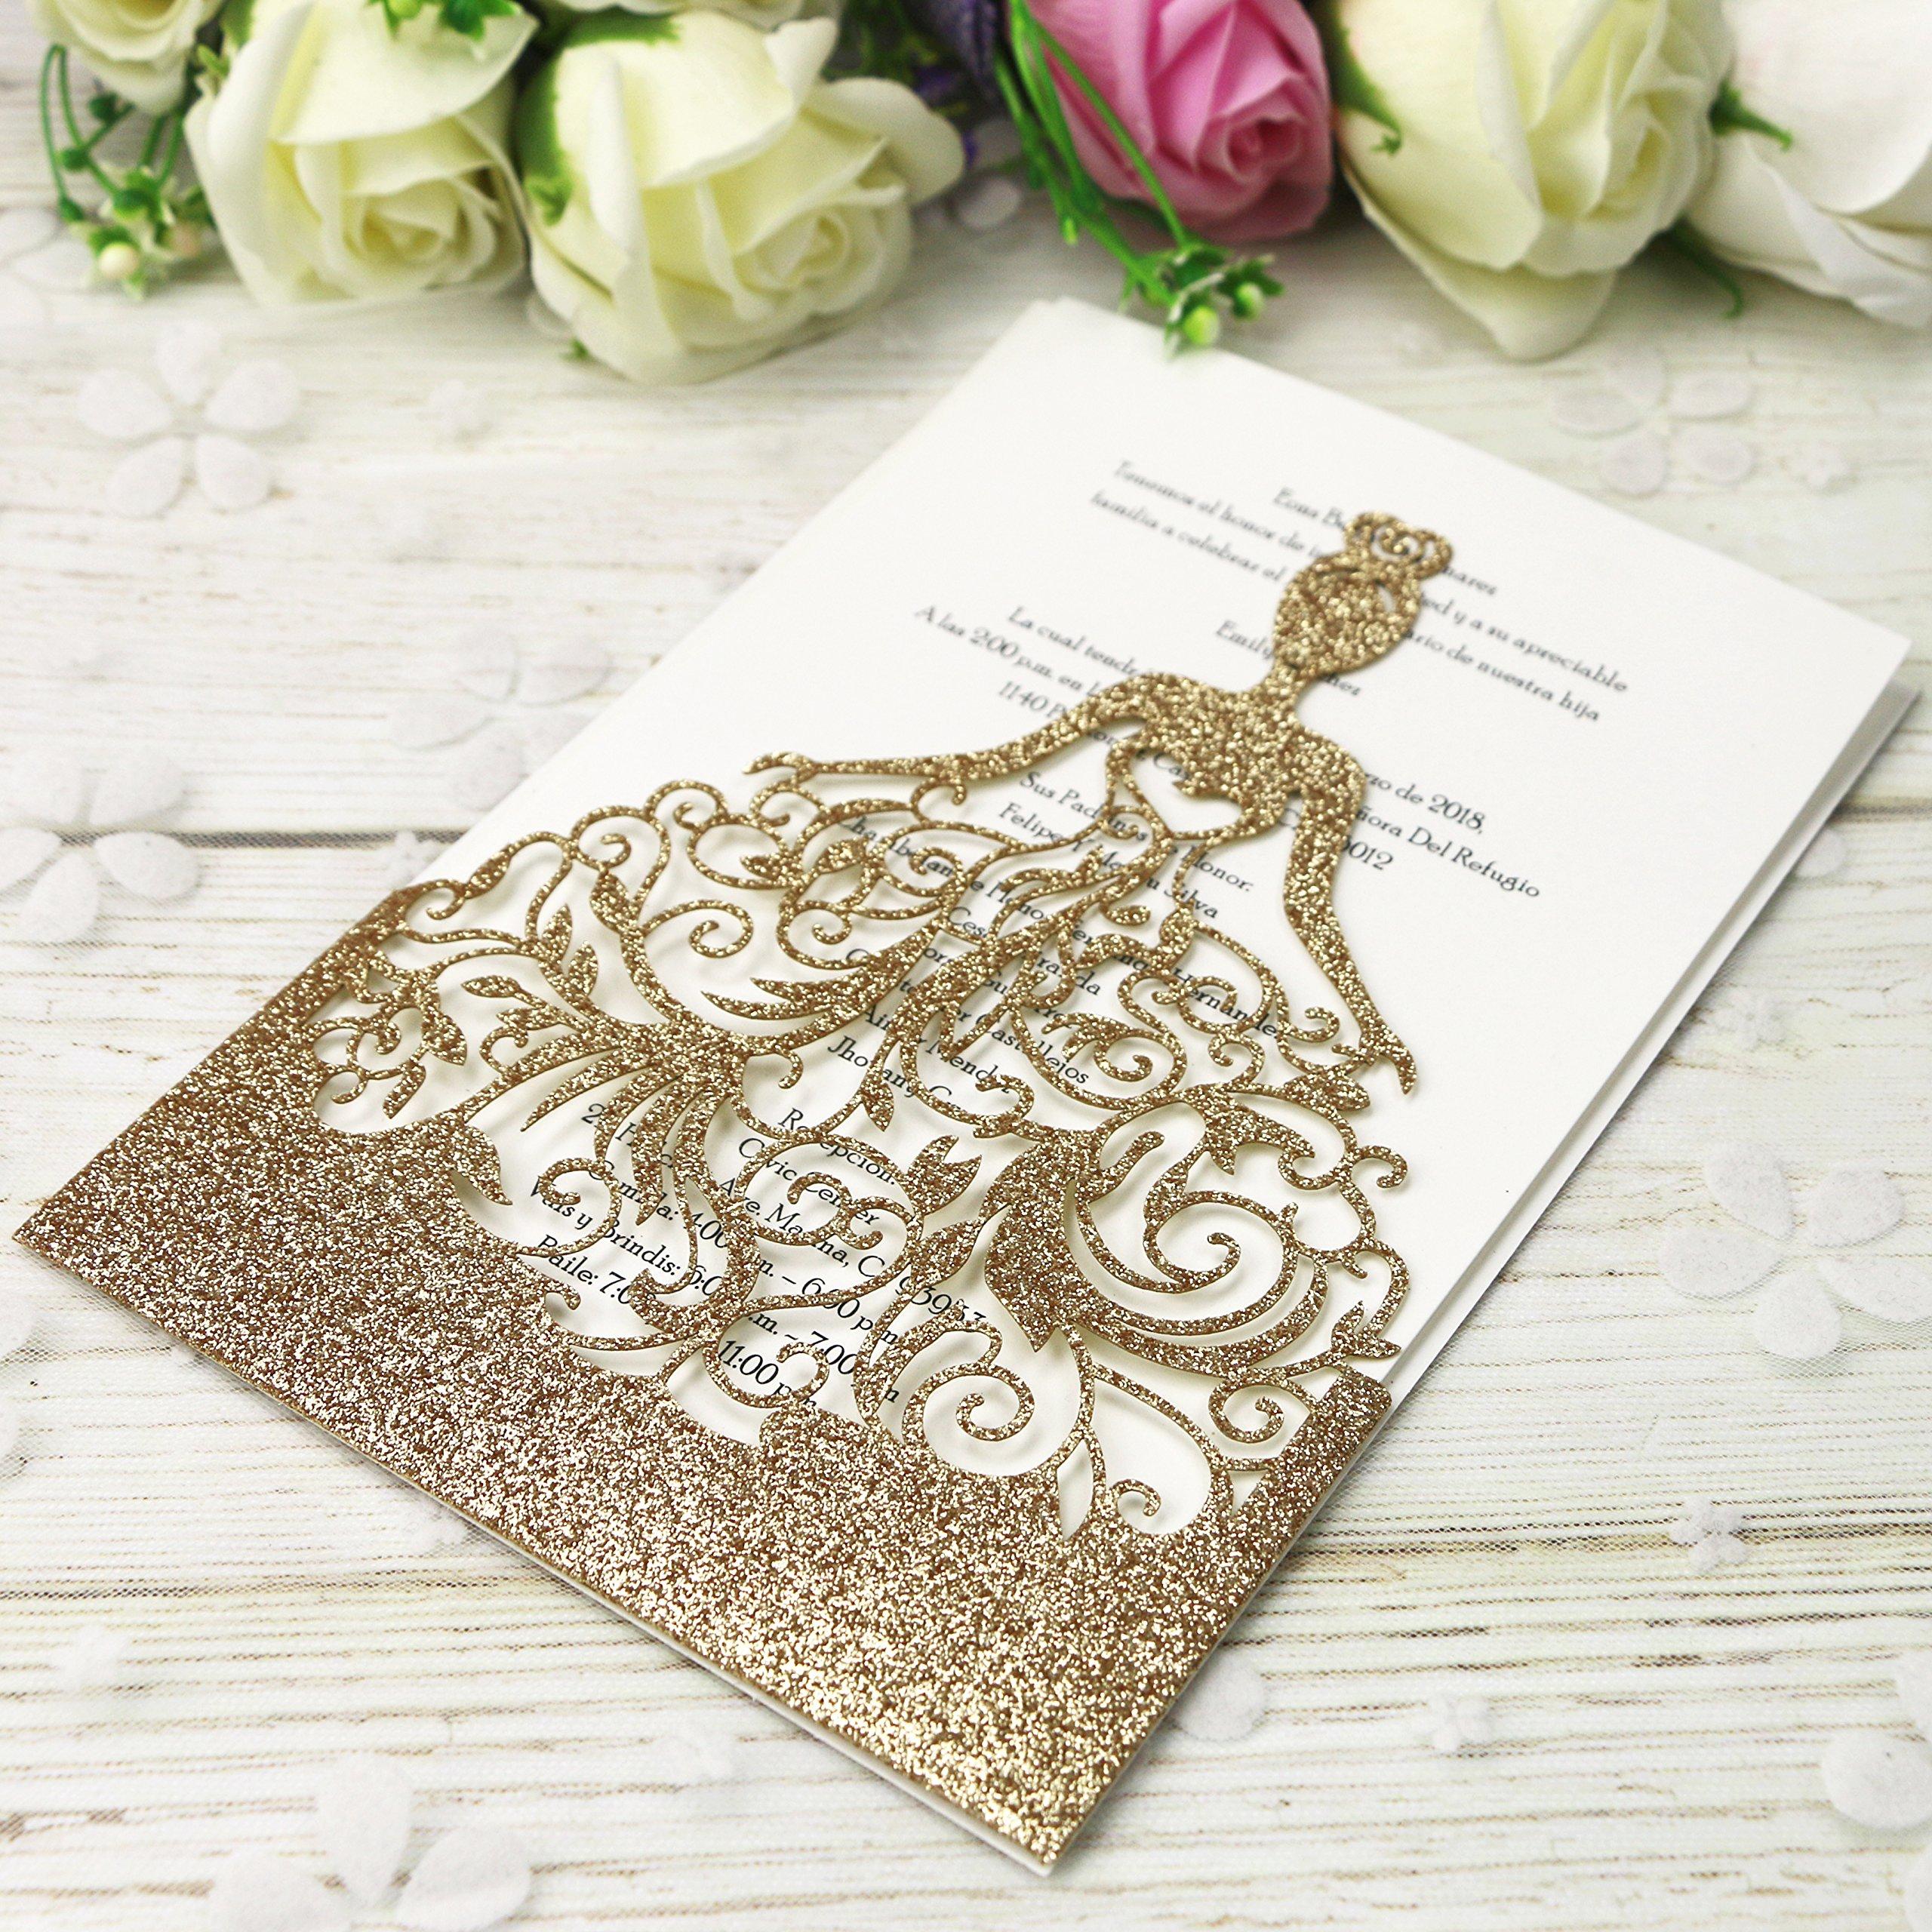 PONATIA 25PCS Lacer Cut Wedding Invitations Card Hollow Bride Invitations Cards for Wedding Bridal Invitation Engagement Invitations Cards (Rose Gold Glitter) by PONATIA